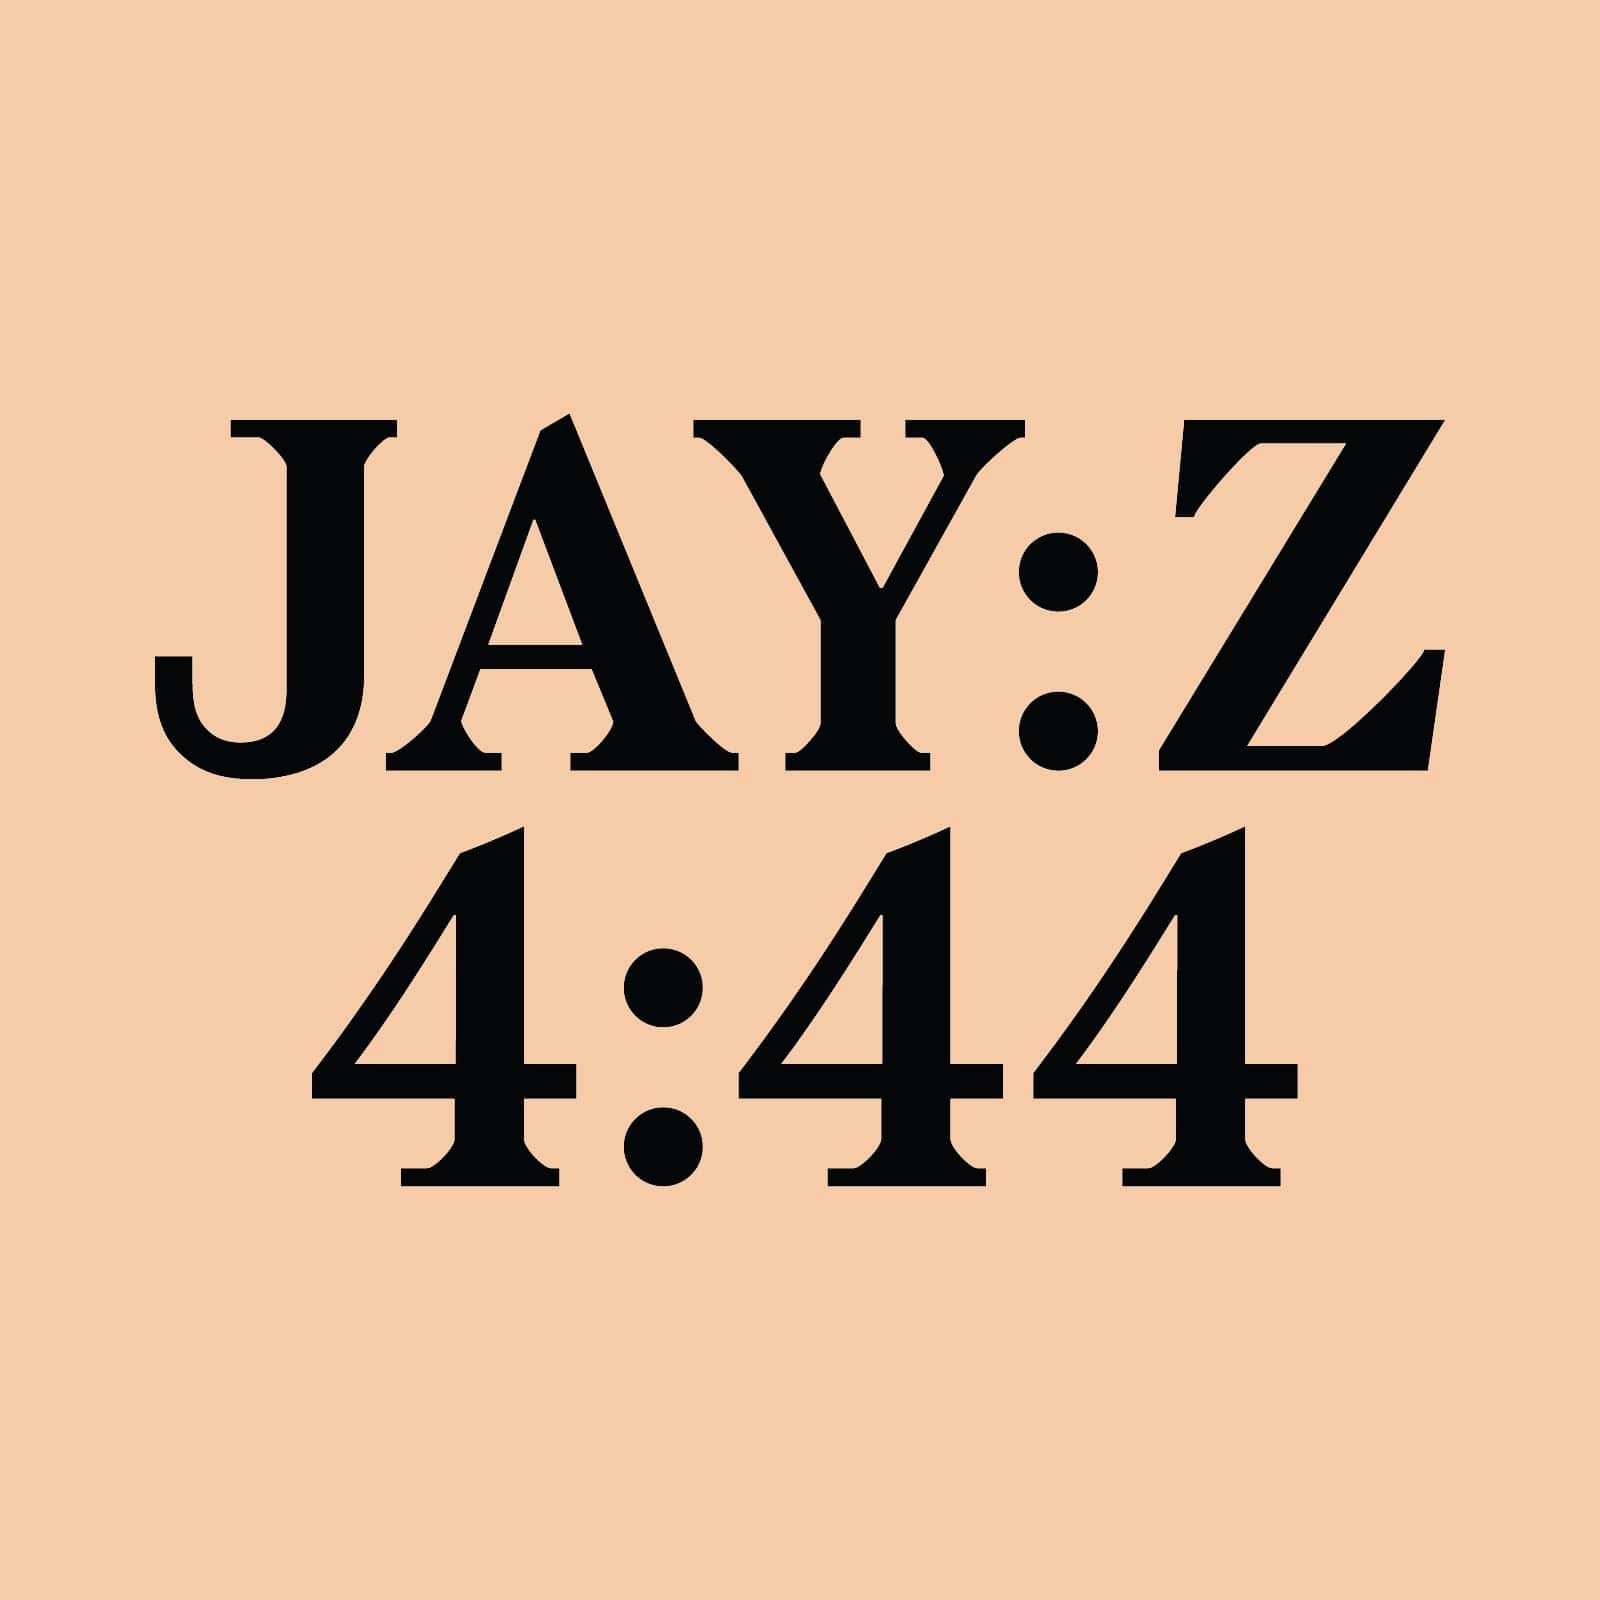 Jay-Z, 4:44, album cover